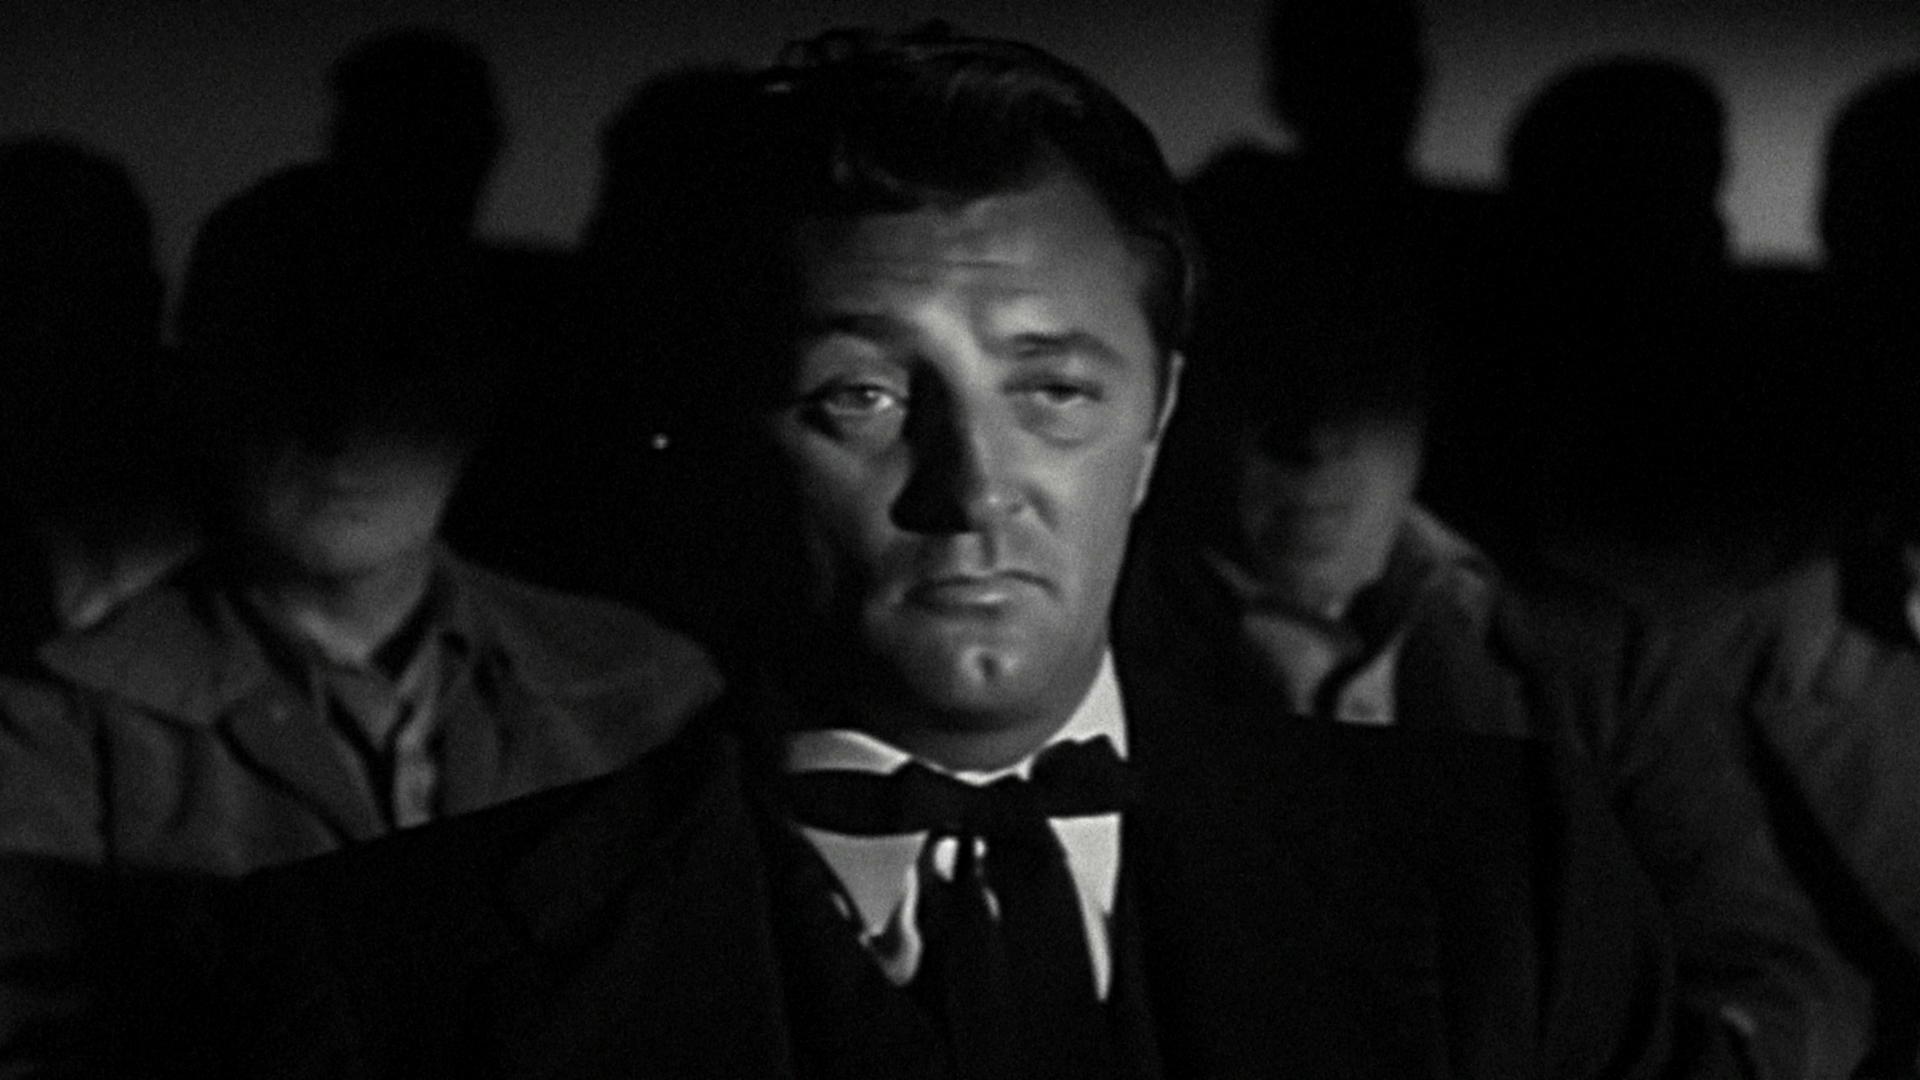 La Noche Temática - Hollywood: leyendas de cine - Avance